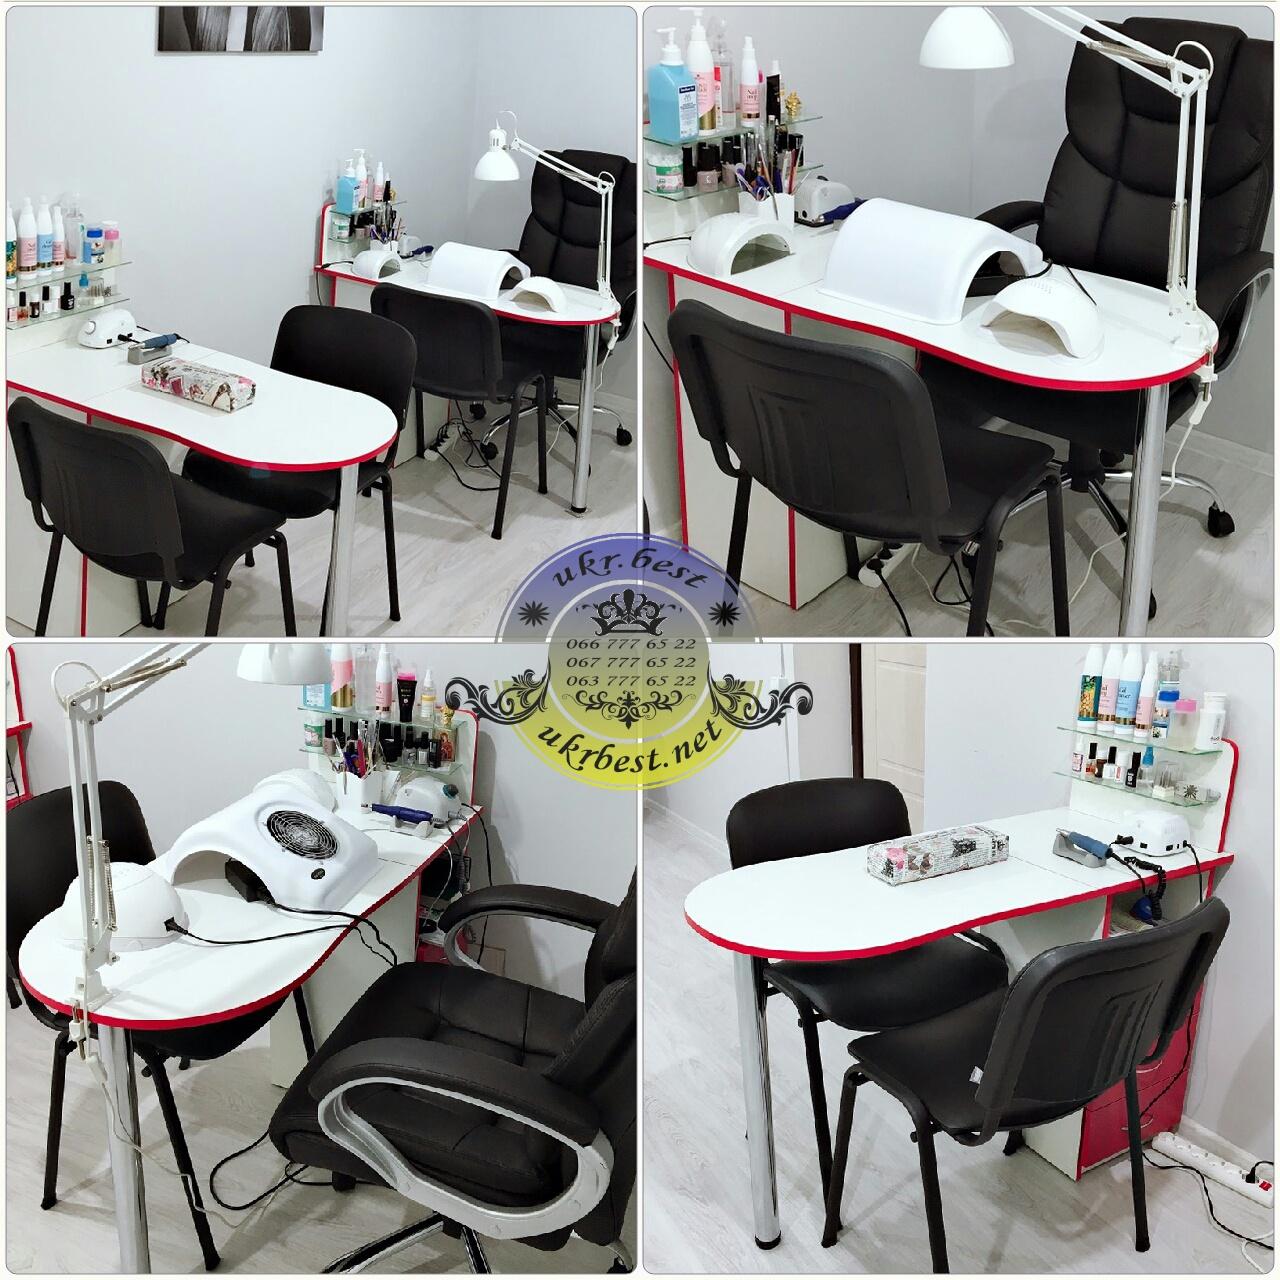 Складной маникюрный стол с выдвижными ящиками - мебель для маникюрного салона